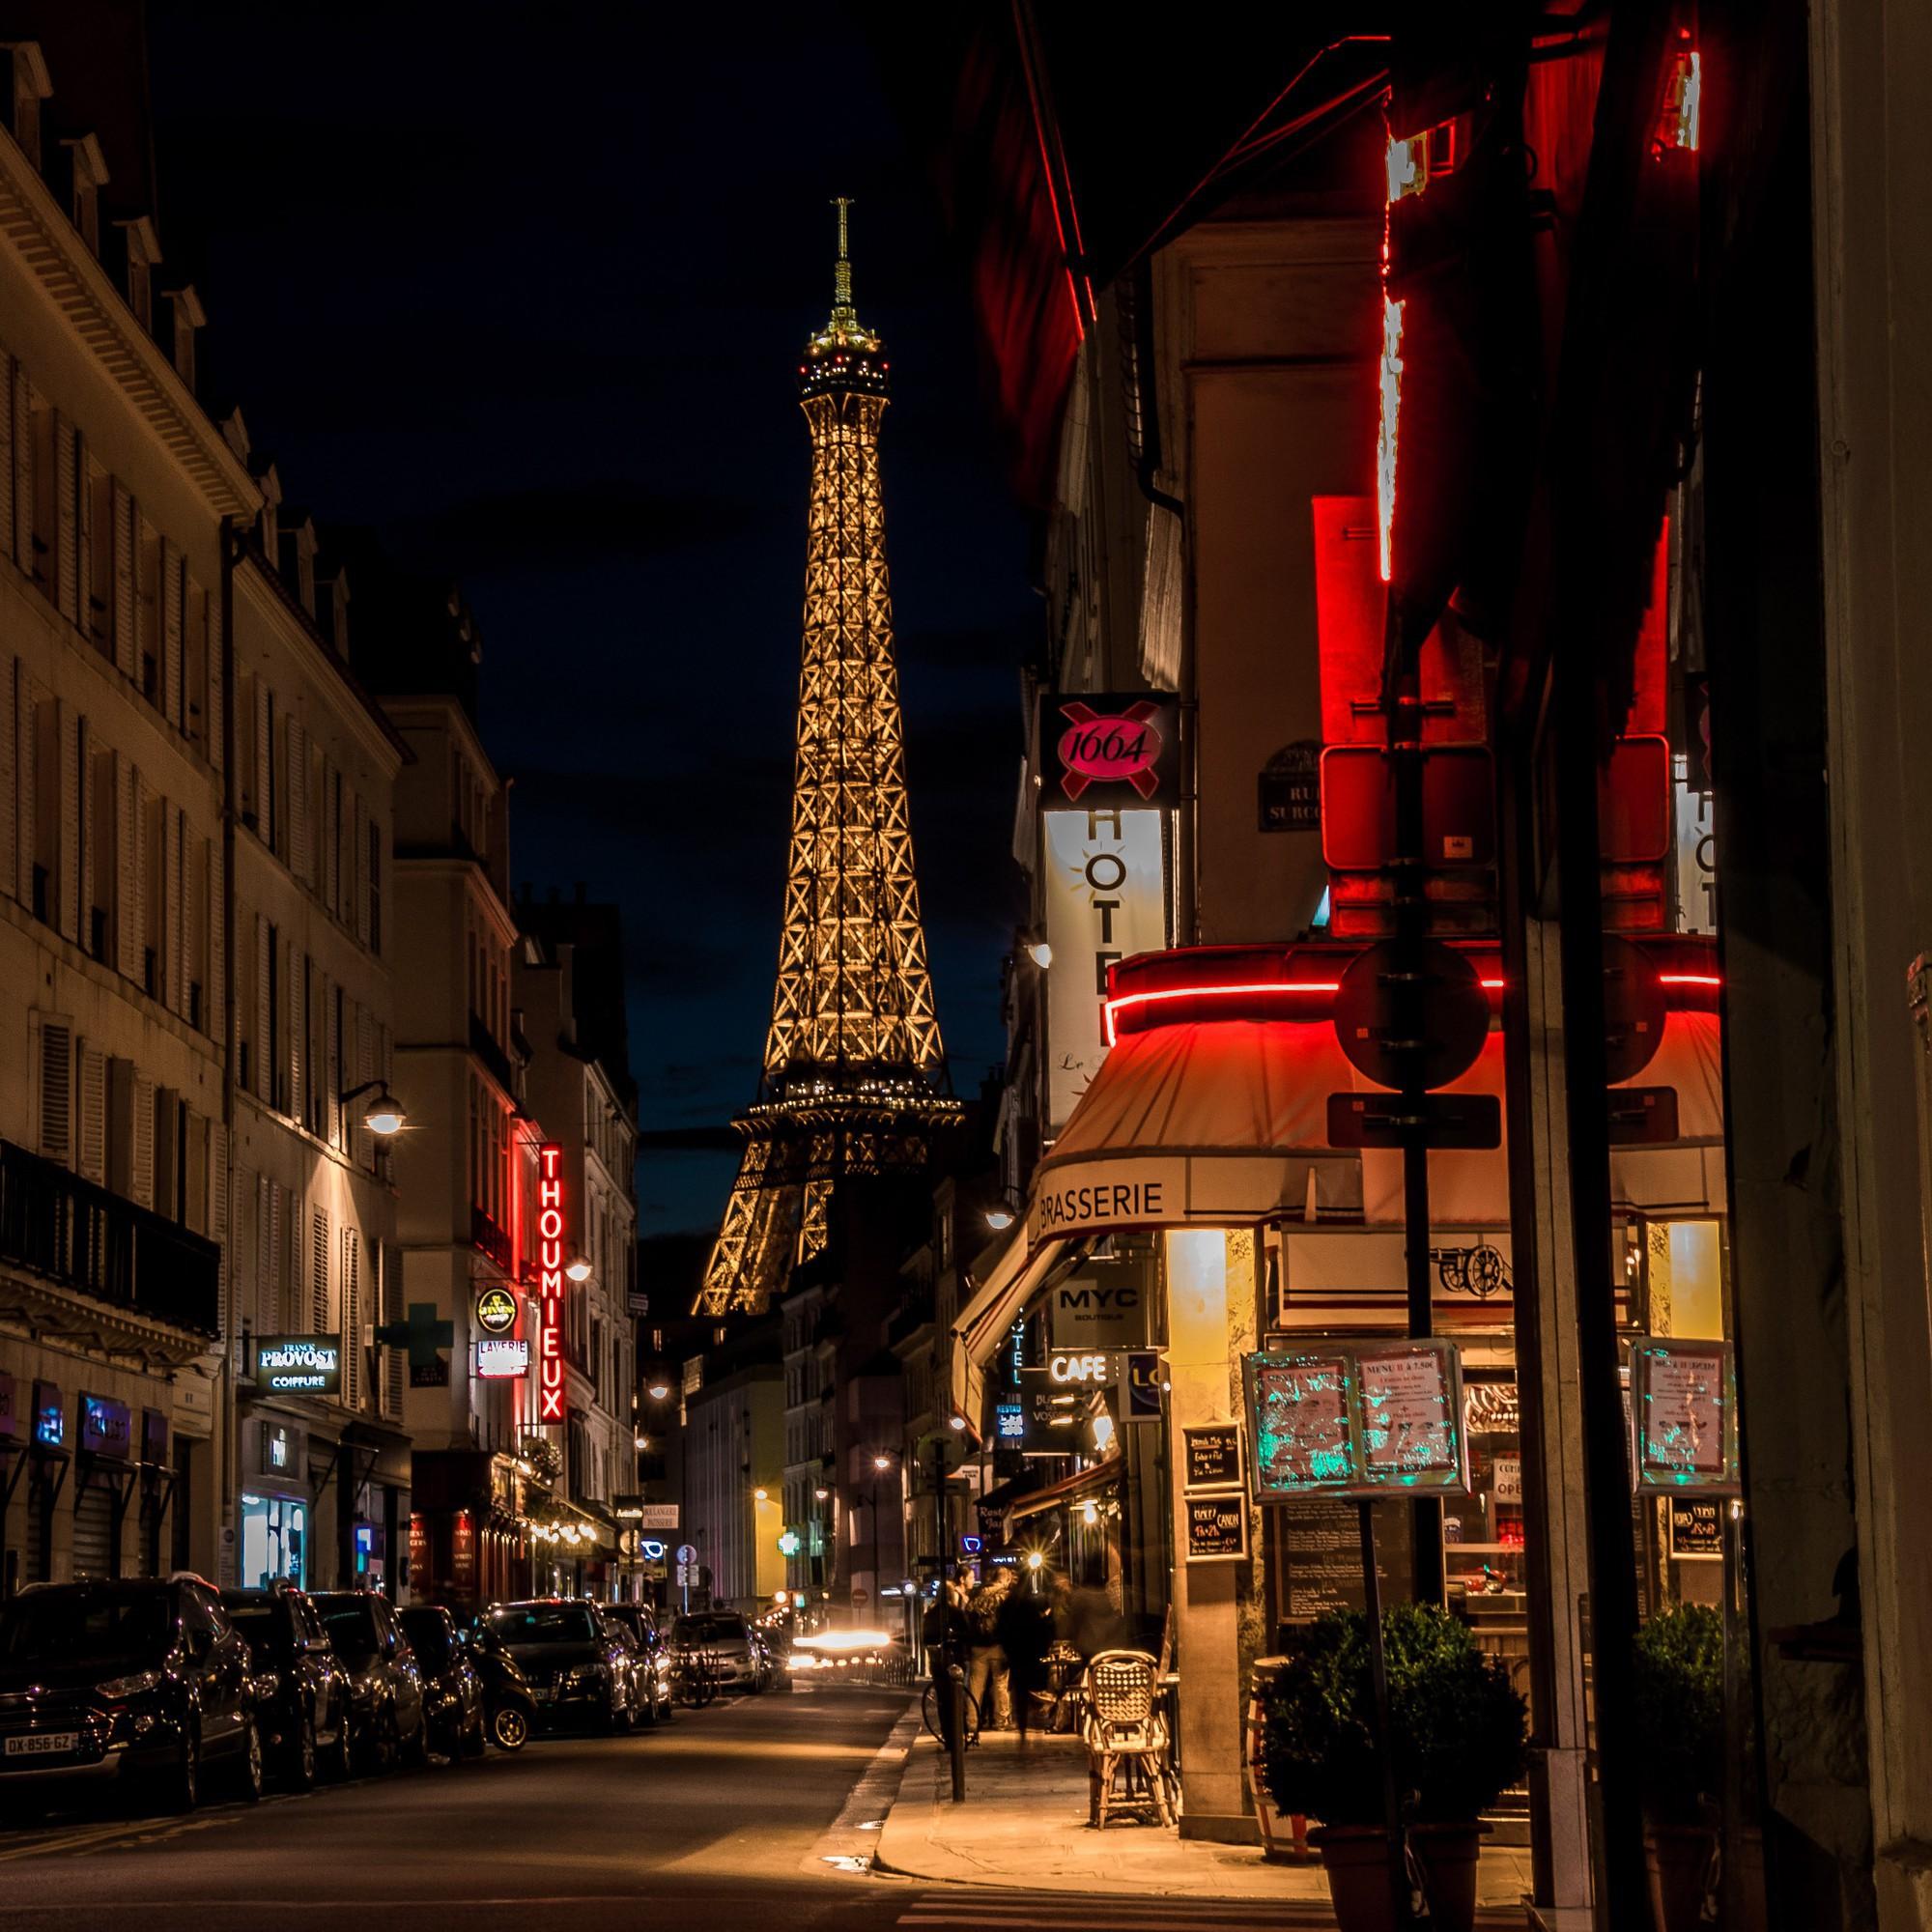 Vừa đăng ảnh check-in tại tháp Eiffel, người hâm mộ đã vội nhắc Diệu Nhi vì cô có thể mắc phải luật nghiêm trọng này - Ảnh 8.